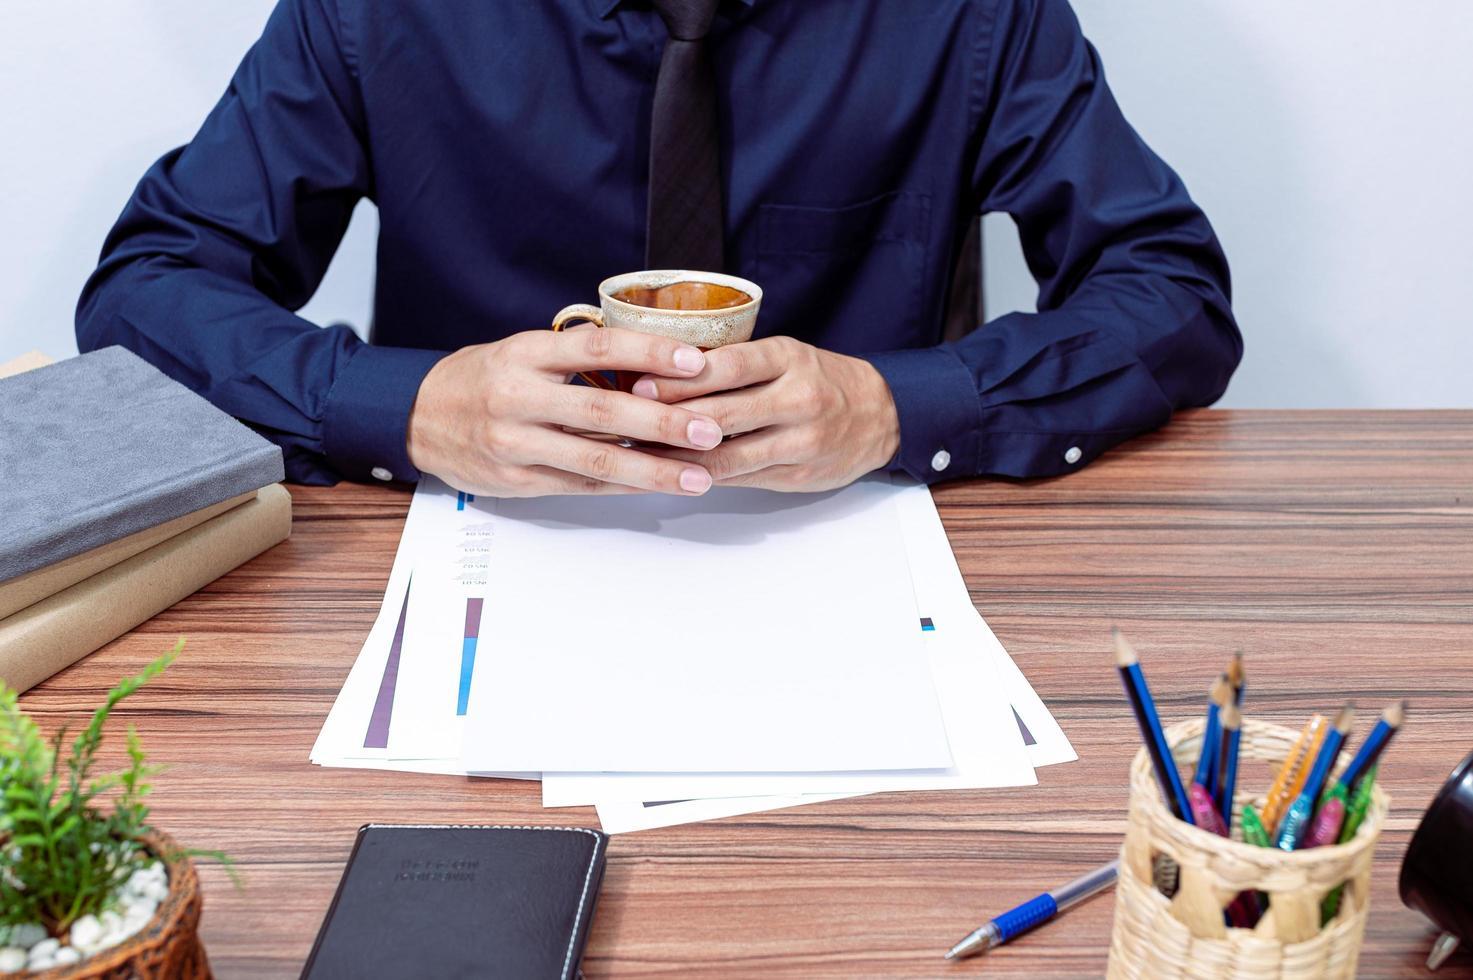 empresario sosteniendo una taza de café en la oficina foto